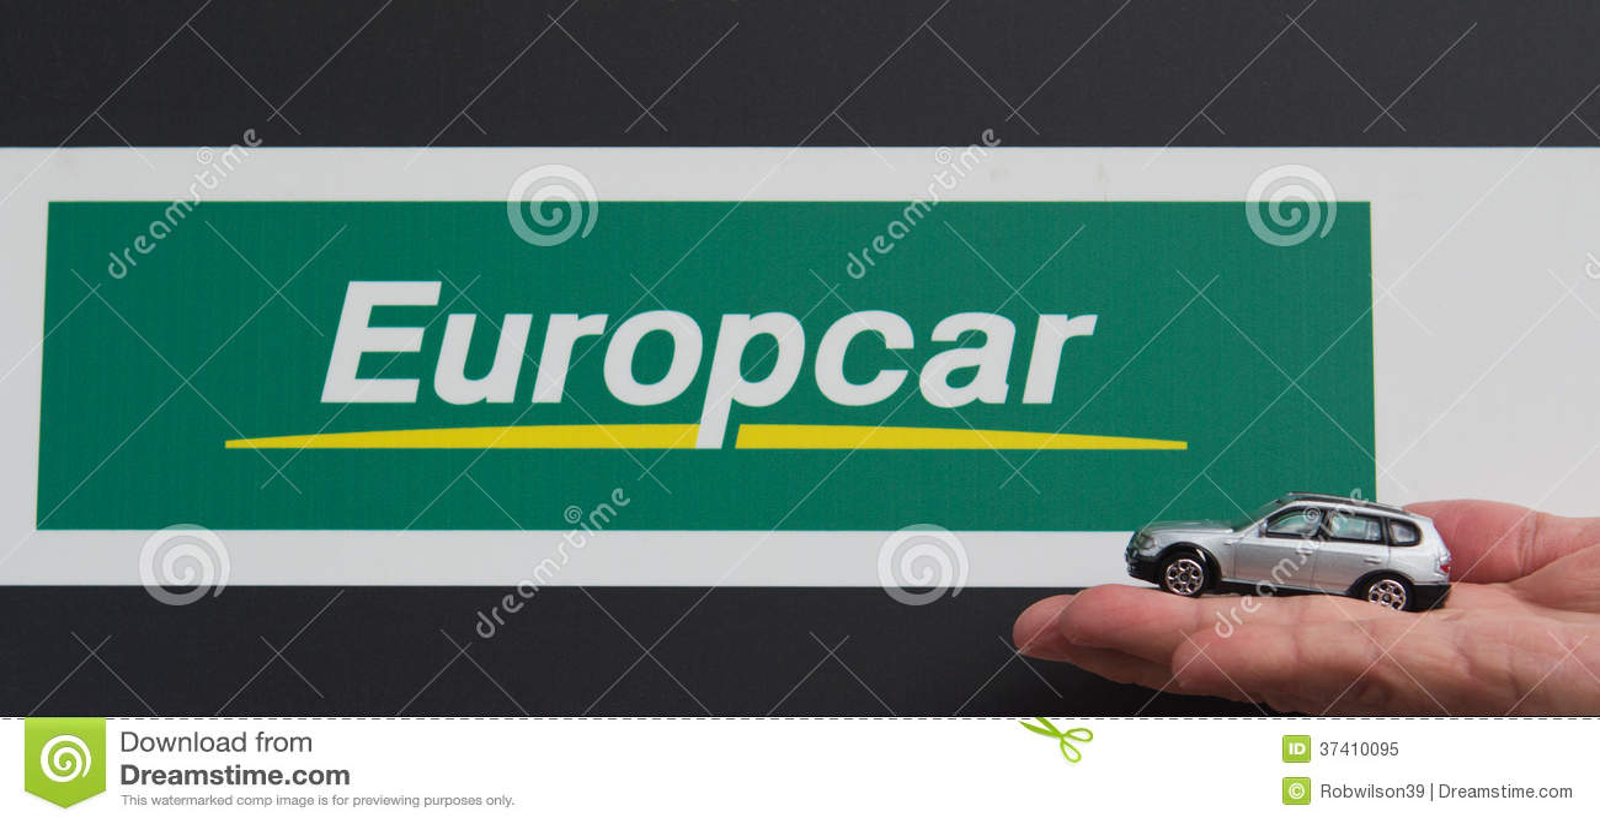 Cheap Car Rental Spain Valencia Airport